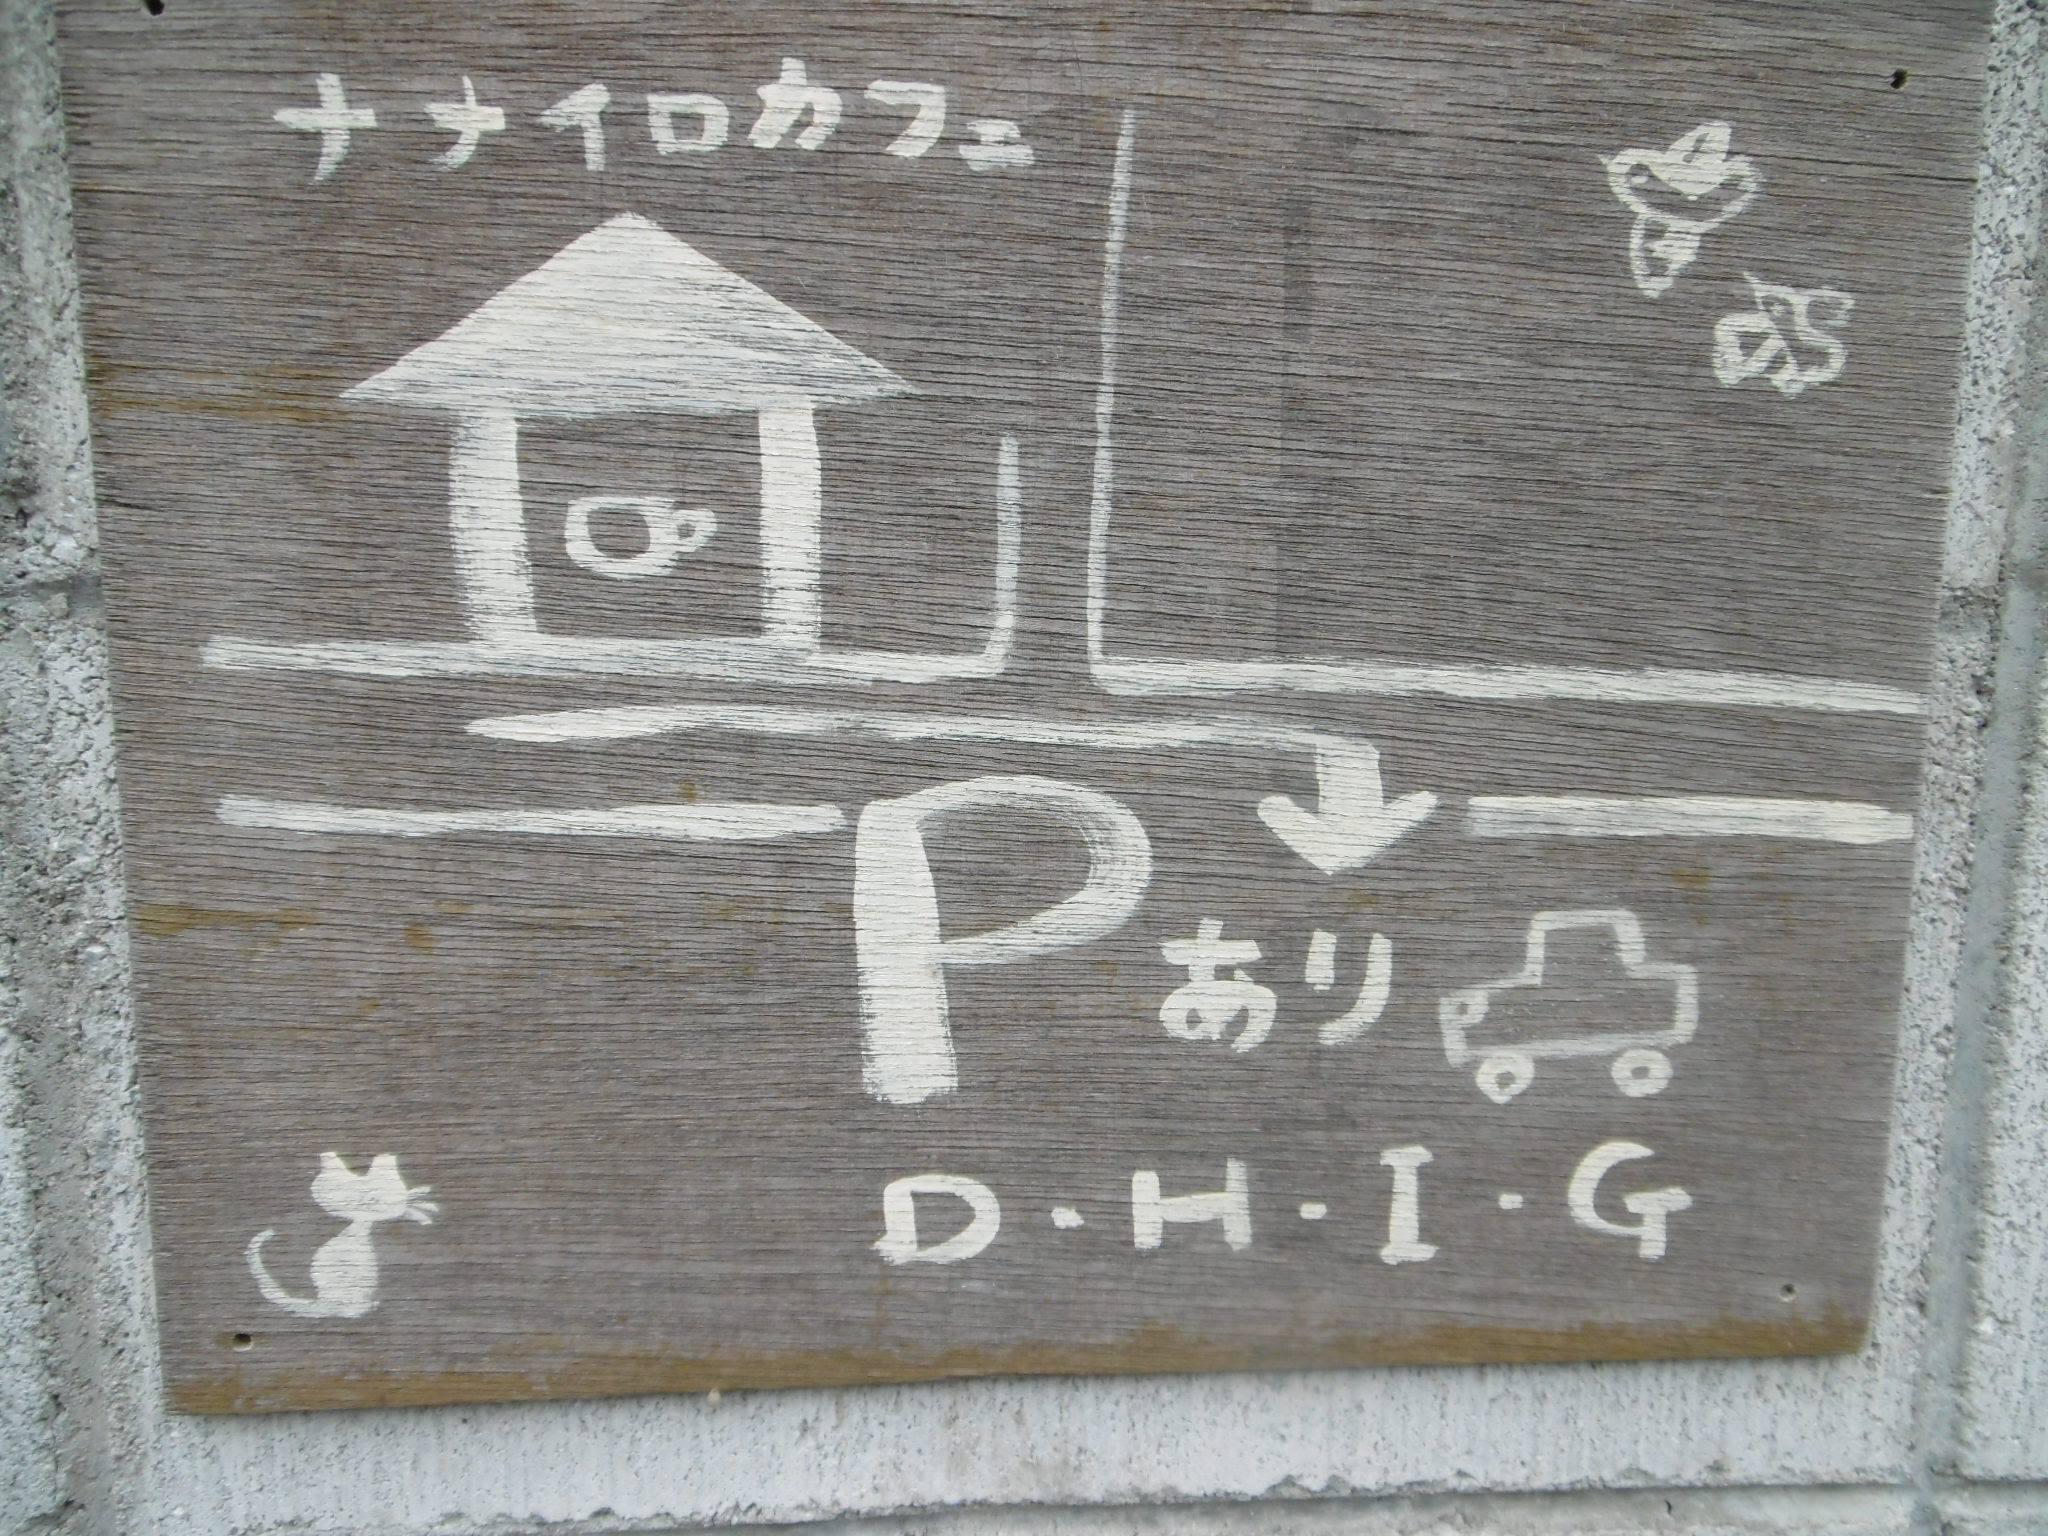 ナナイロカフェの駐車場地図